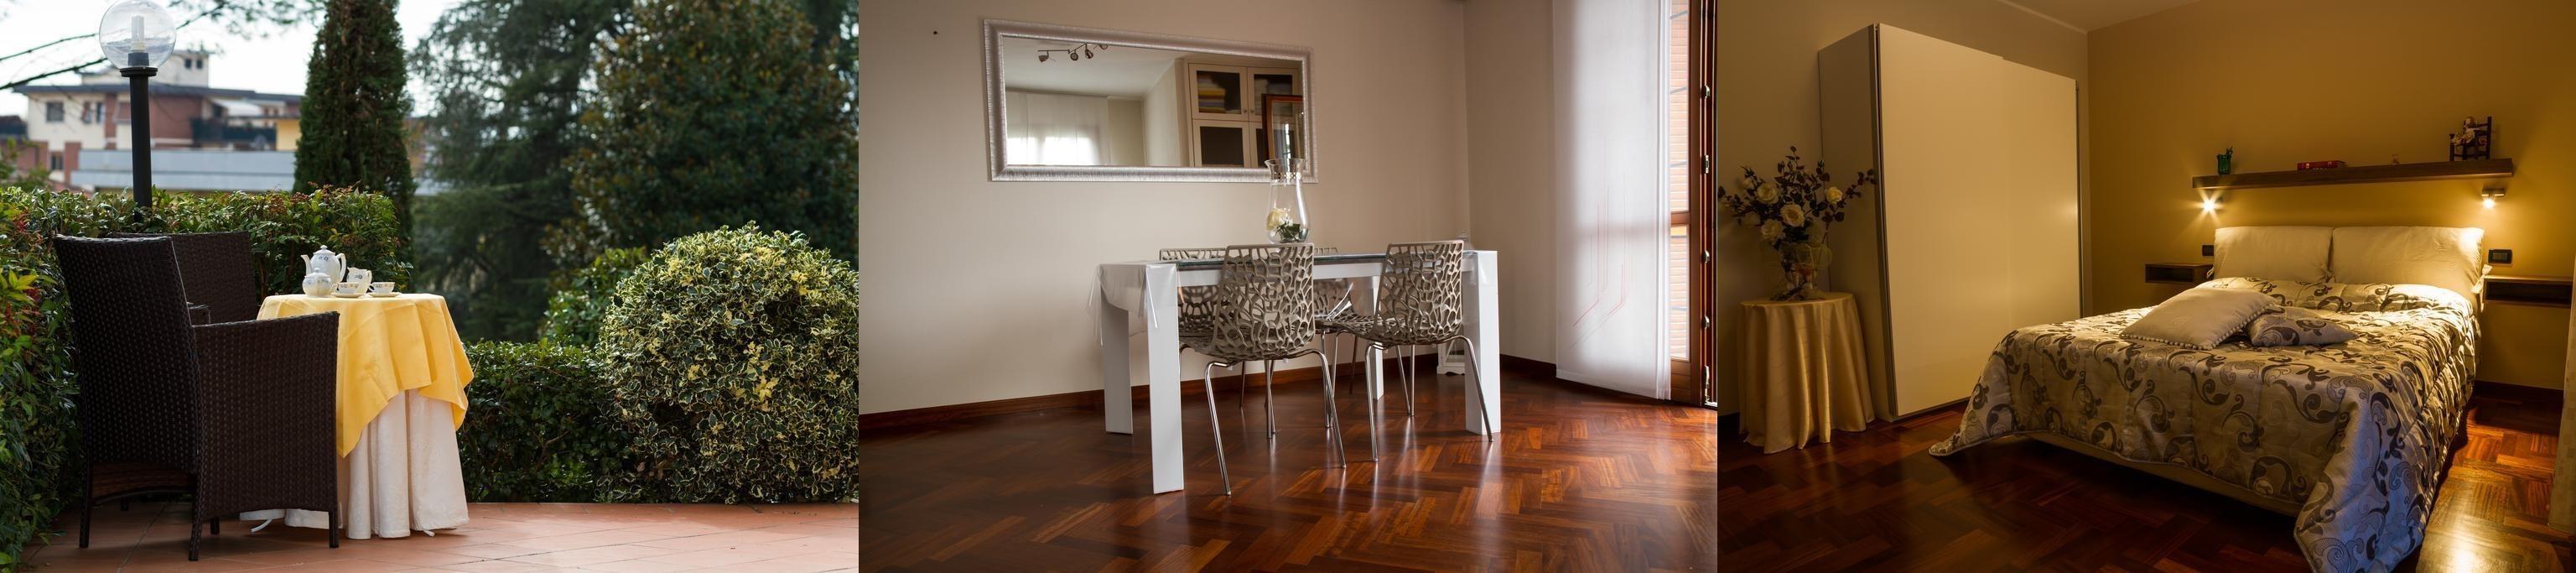 Appartamento La Gardenia